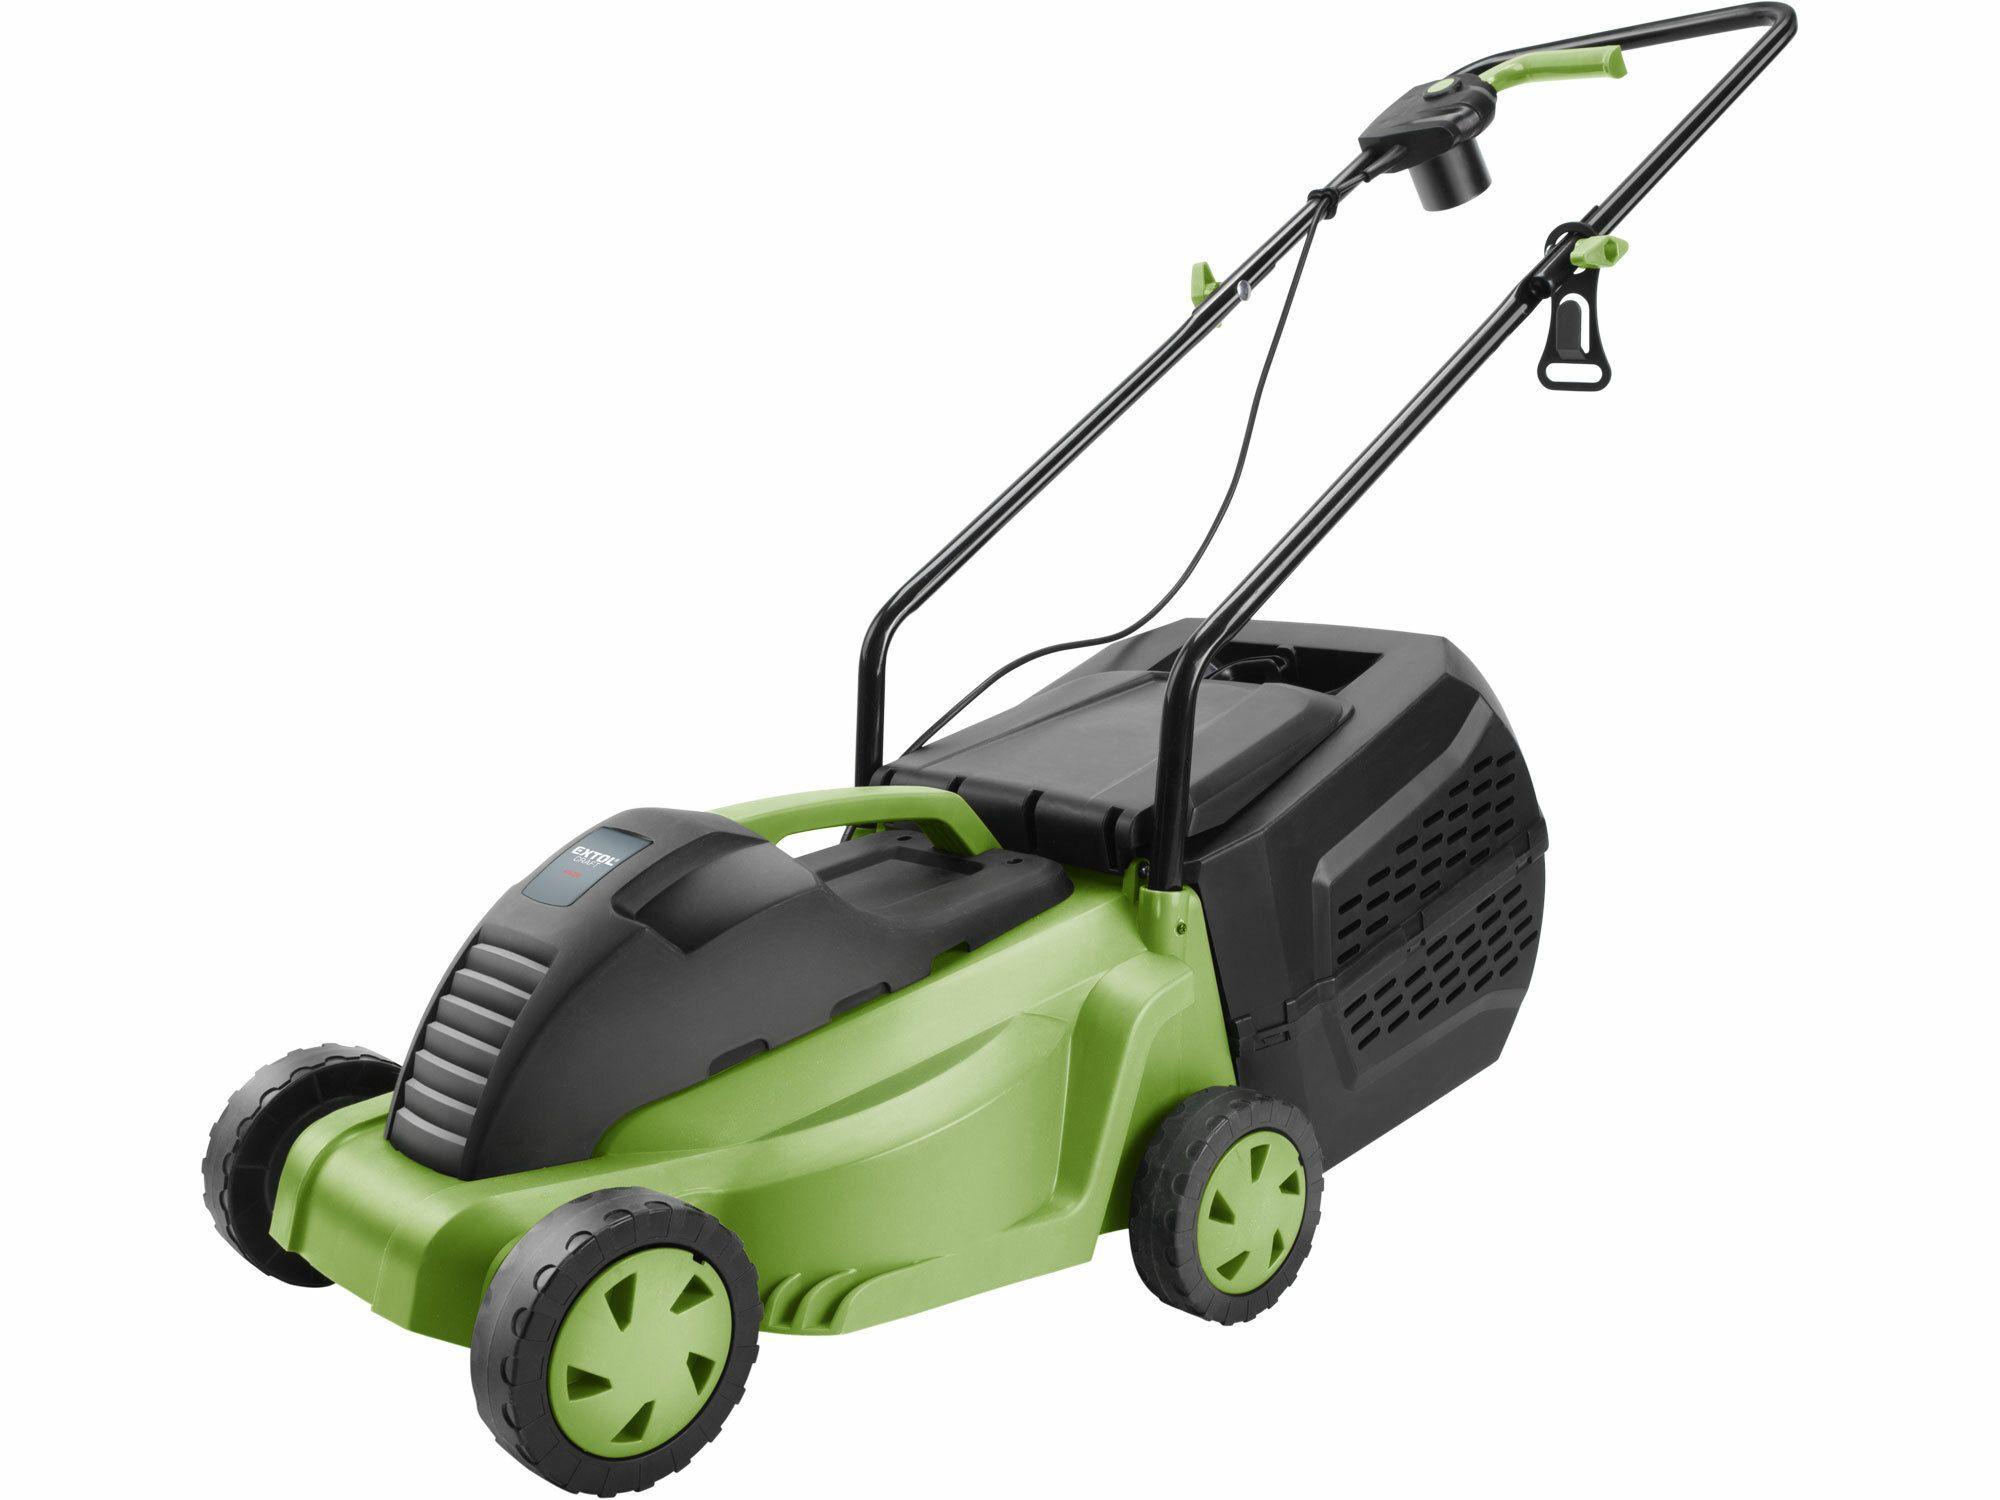 Zahradní sekačka, 1200W, EXTOL CRAFT 416200